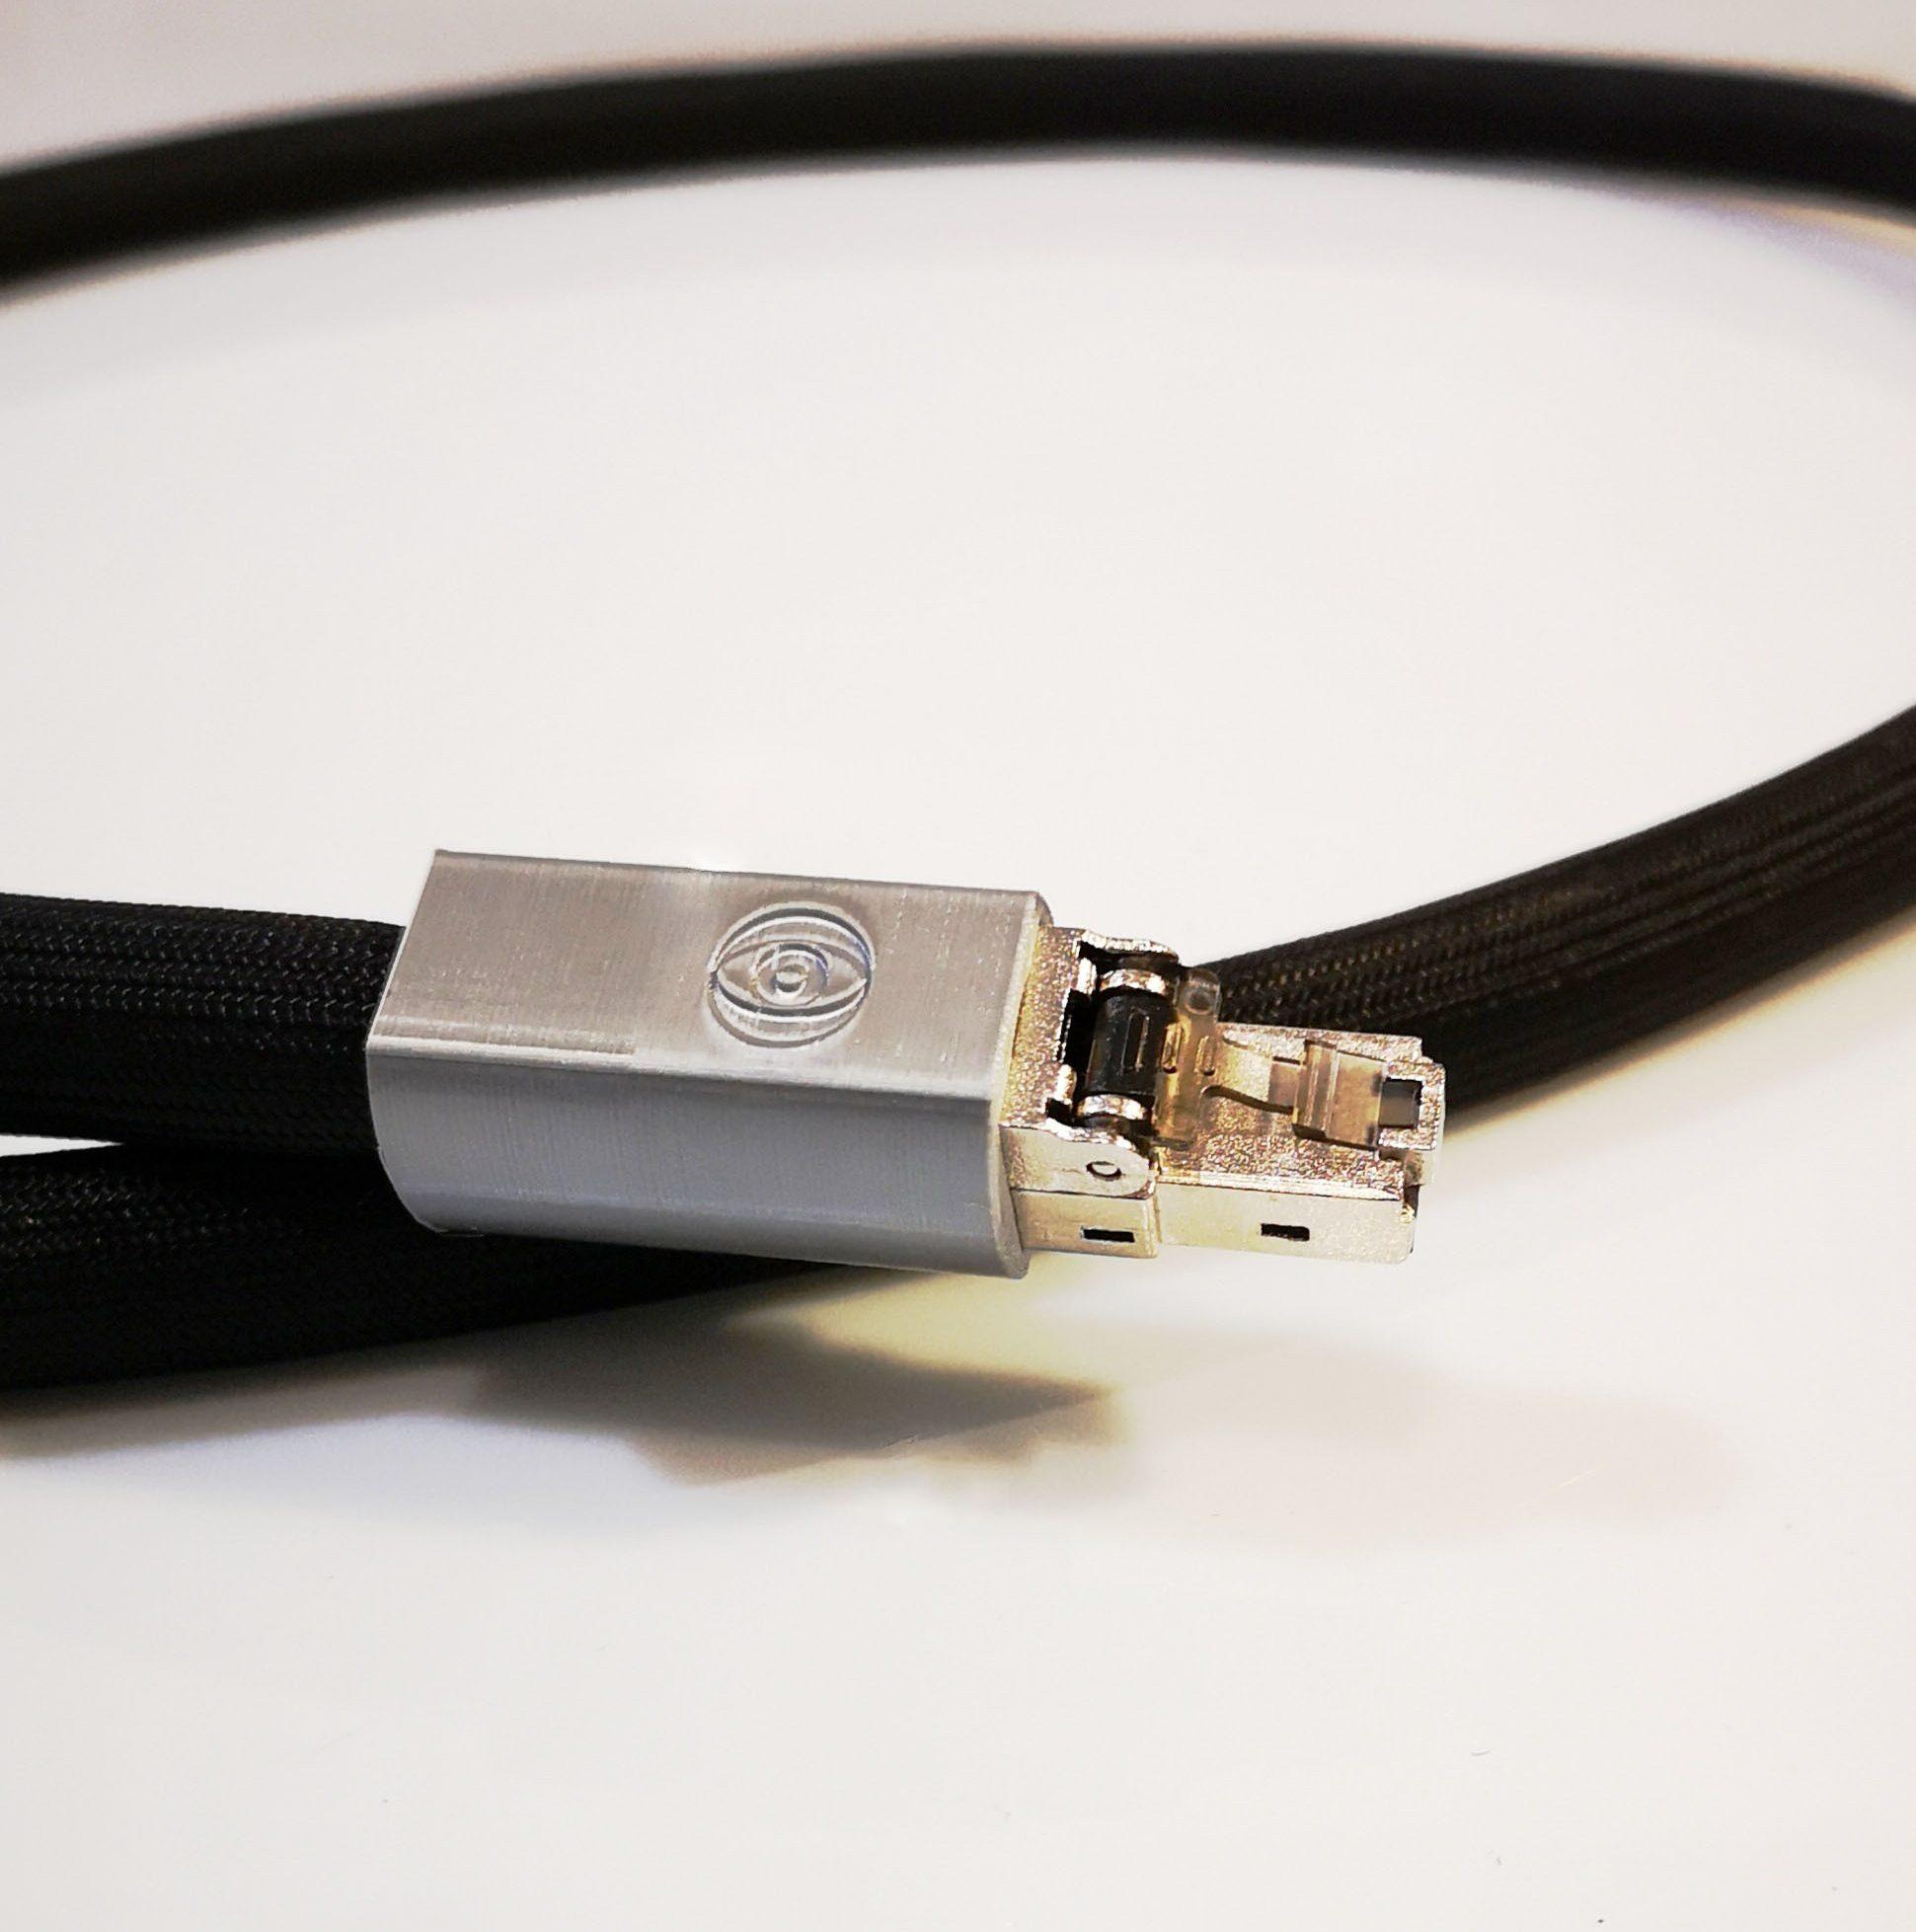 Sigma Ethernet Numérique Digital Odeion Cables (détail)